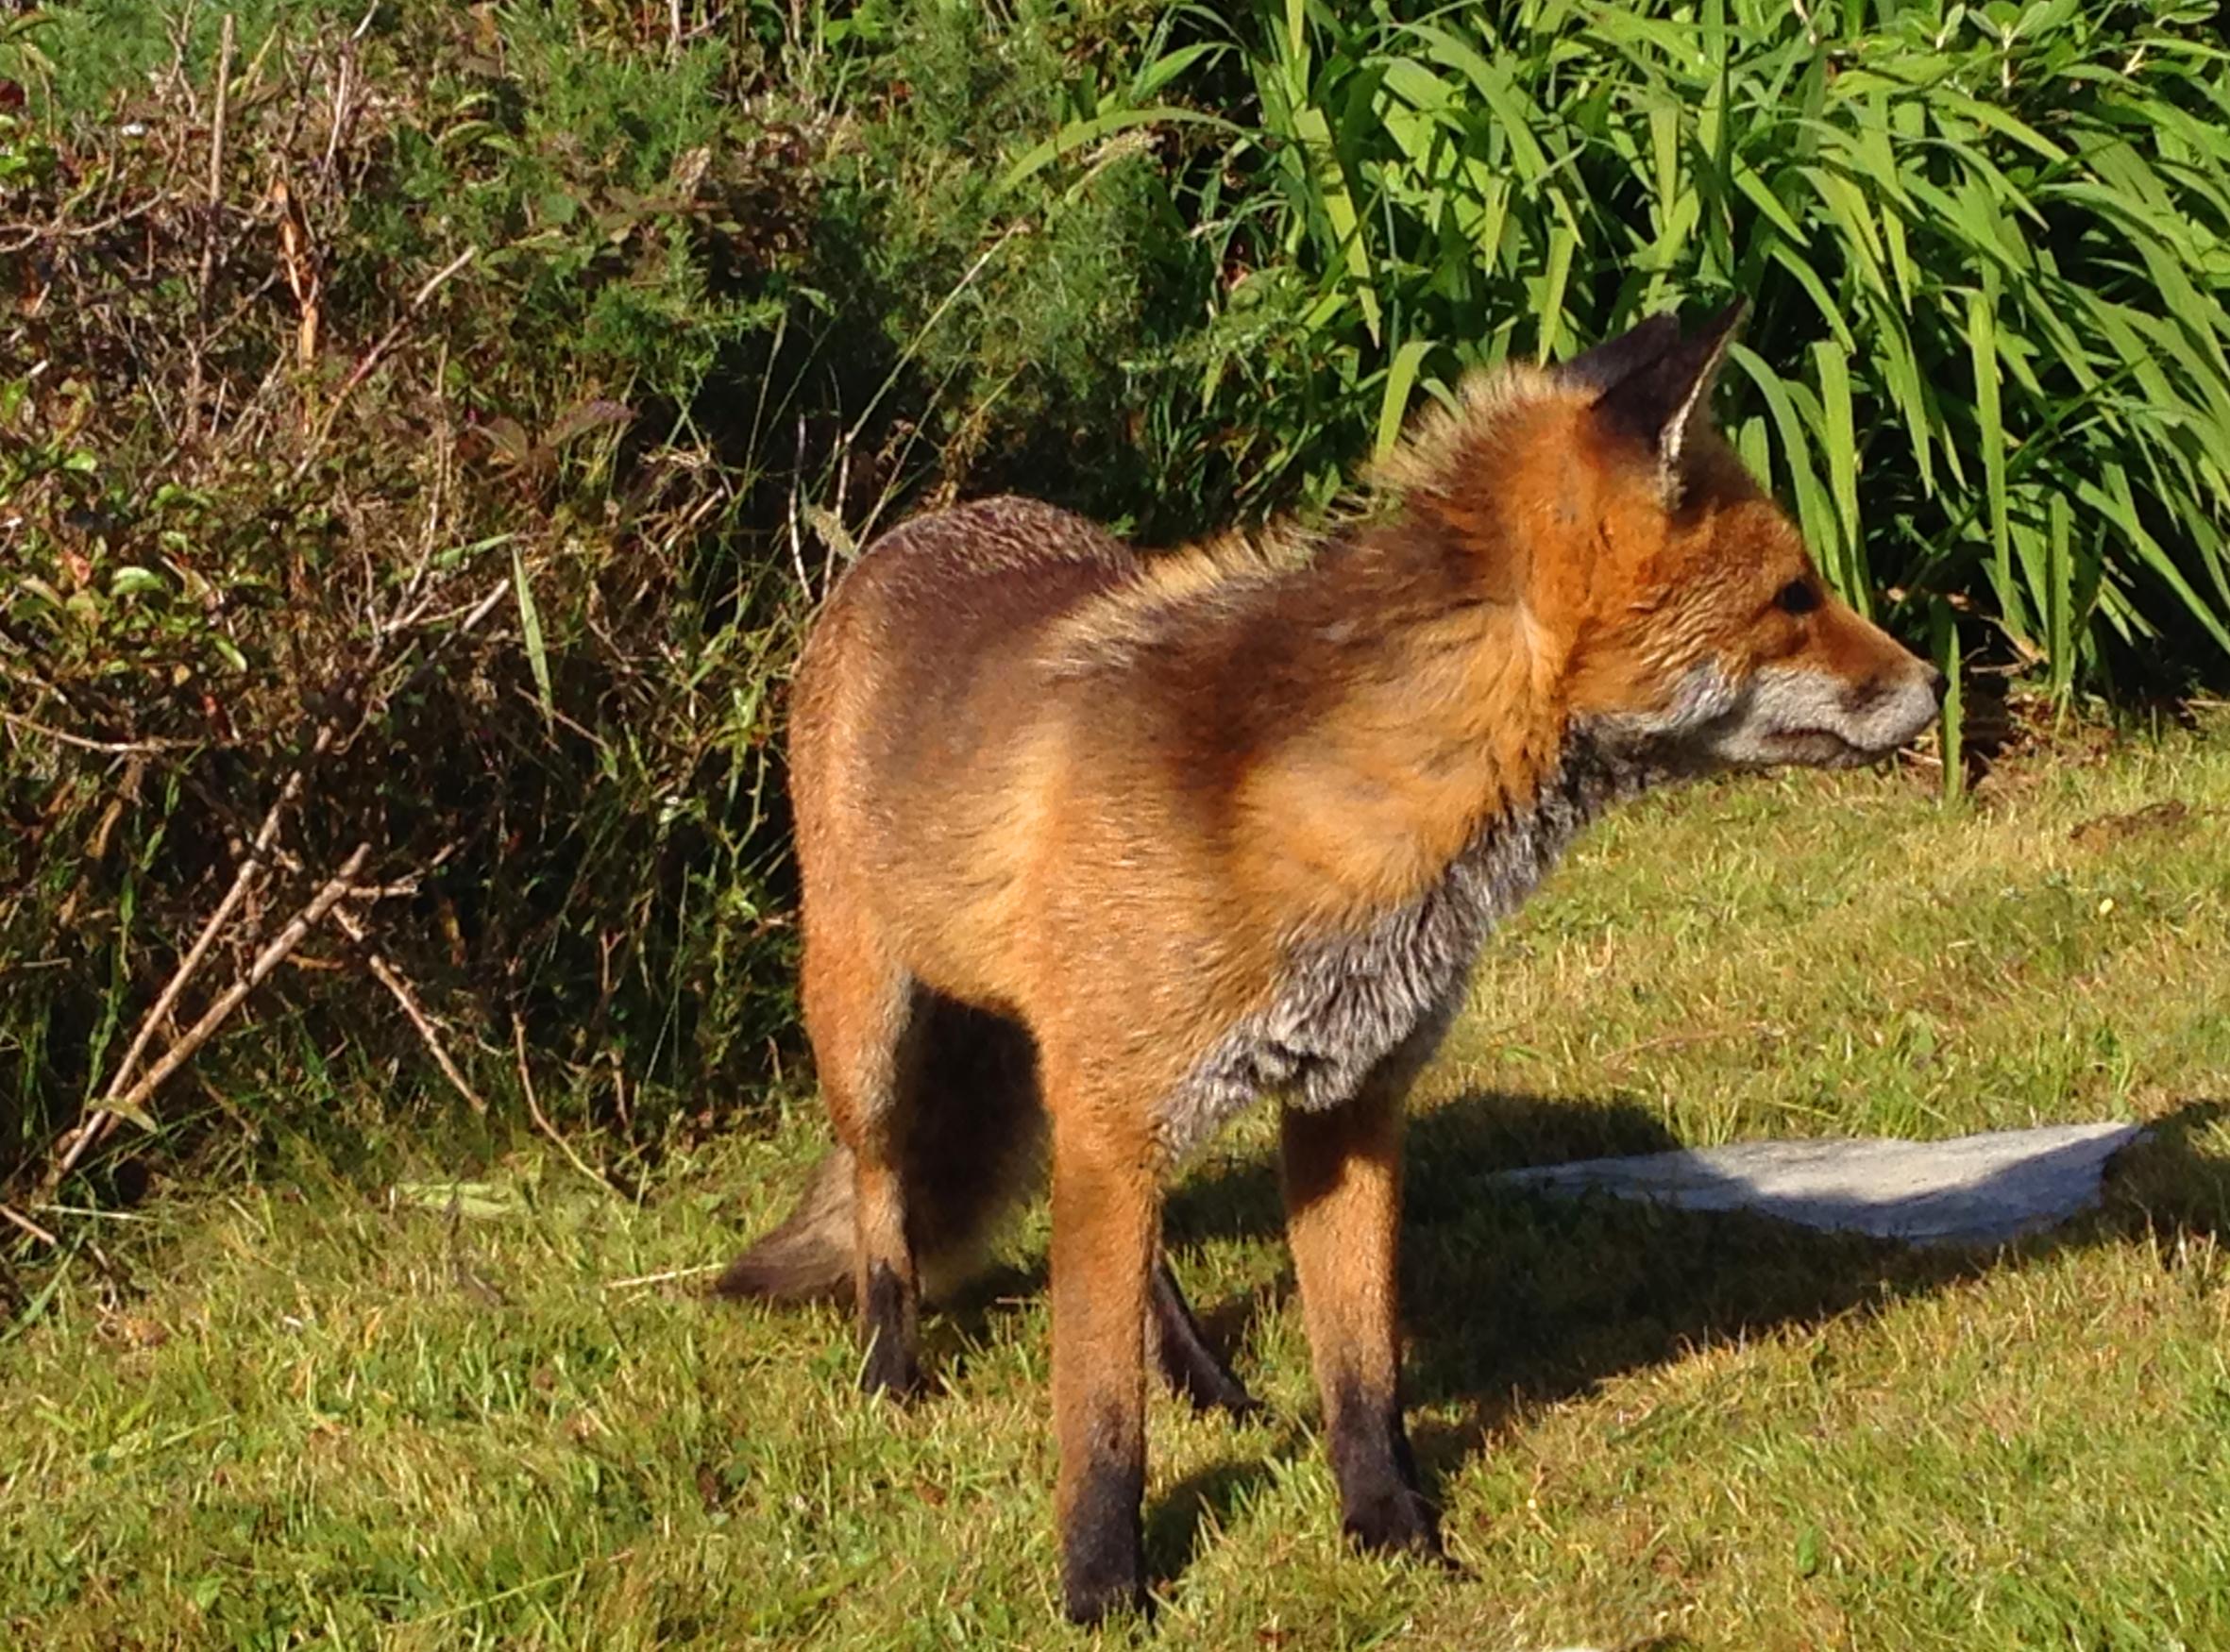 Ferdia - our garden companion